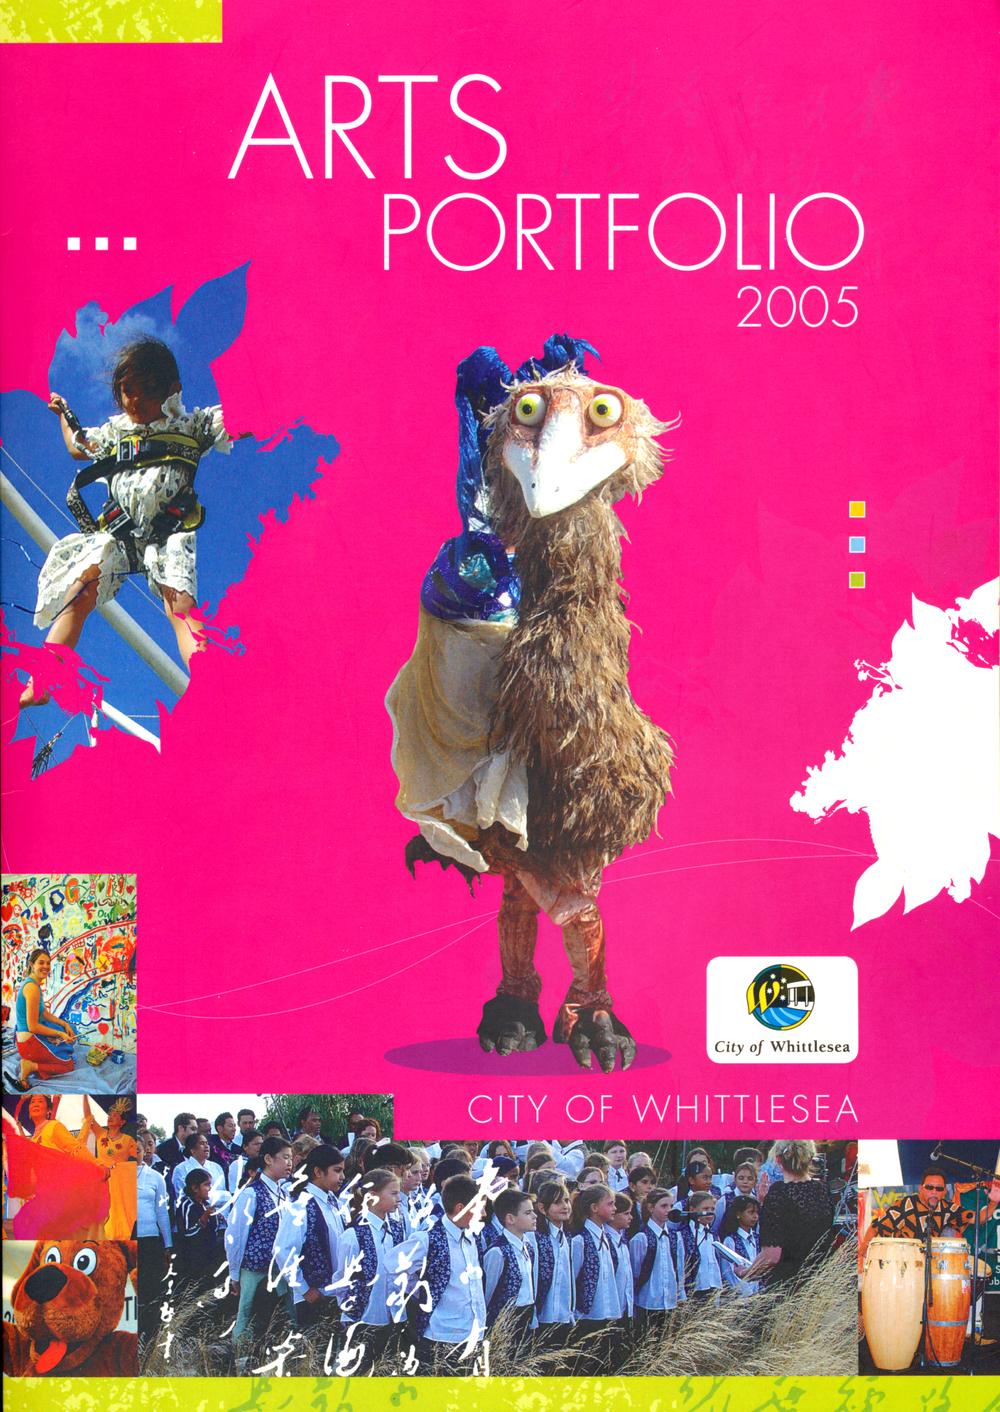 Whittlesea Arts Portolio.jpg